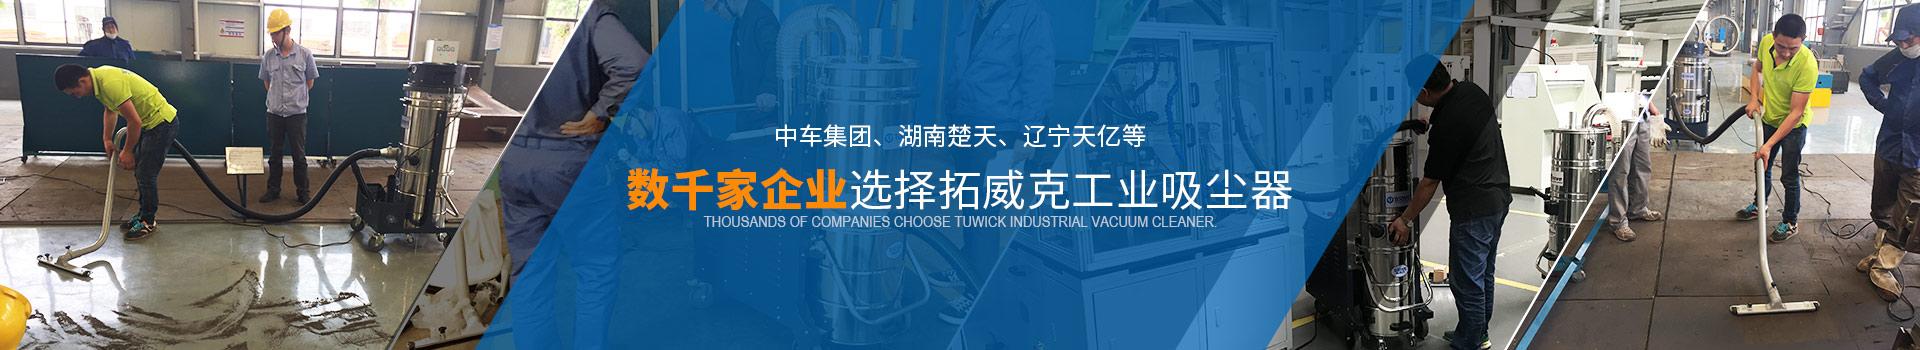 数千家企业选择拓威克工业吸尘器